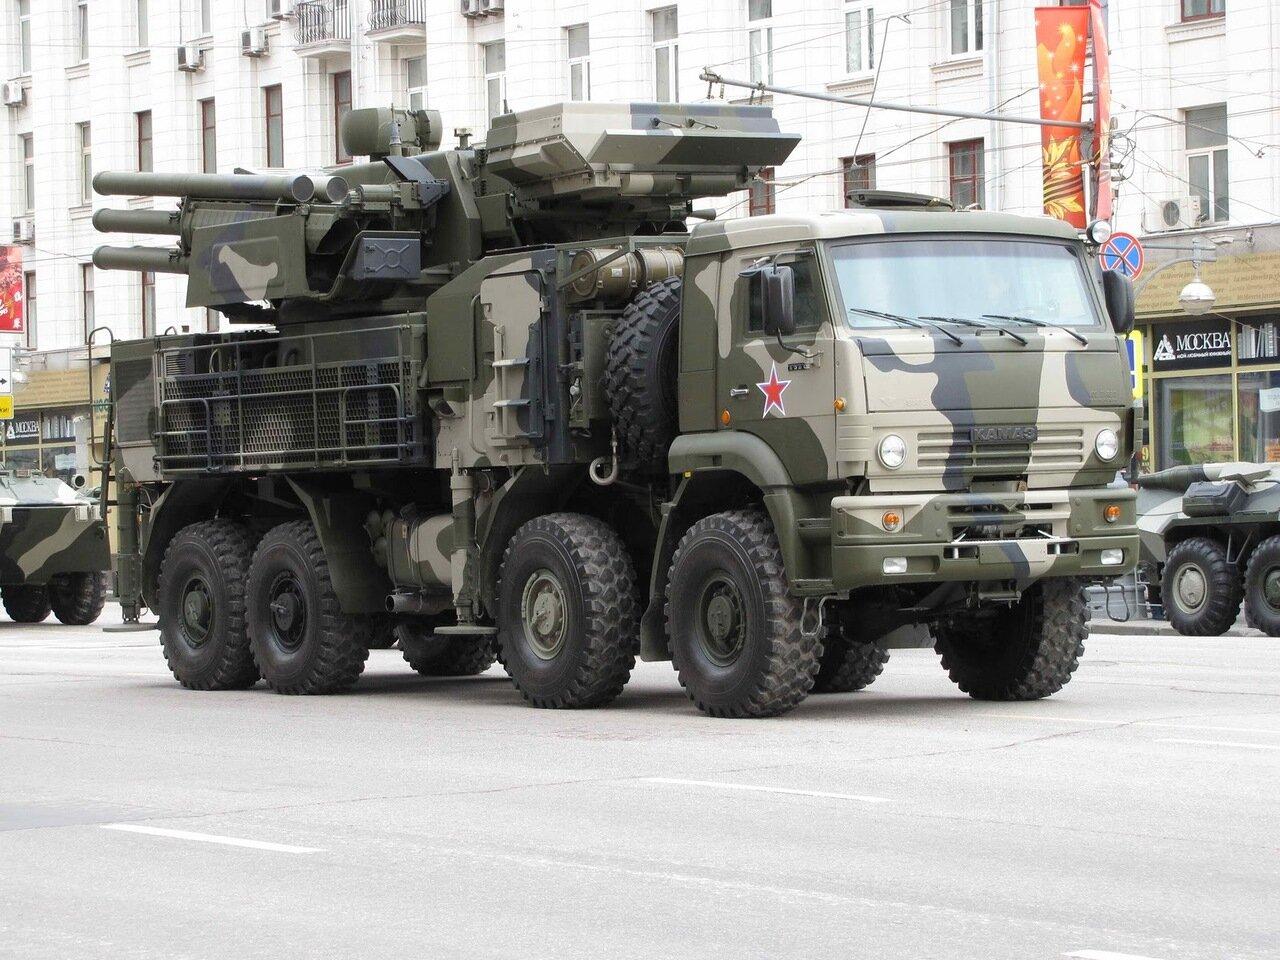 Fuerzas Armadas Rusas - Página 3 0_70f14_4c18ddd0_XXXL